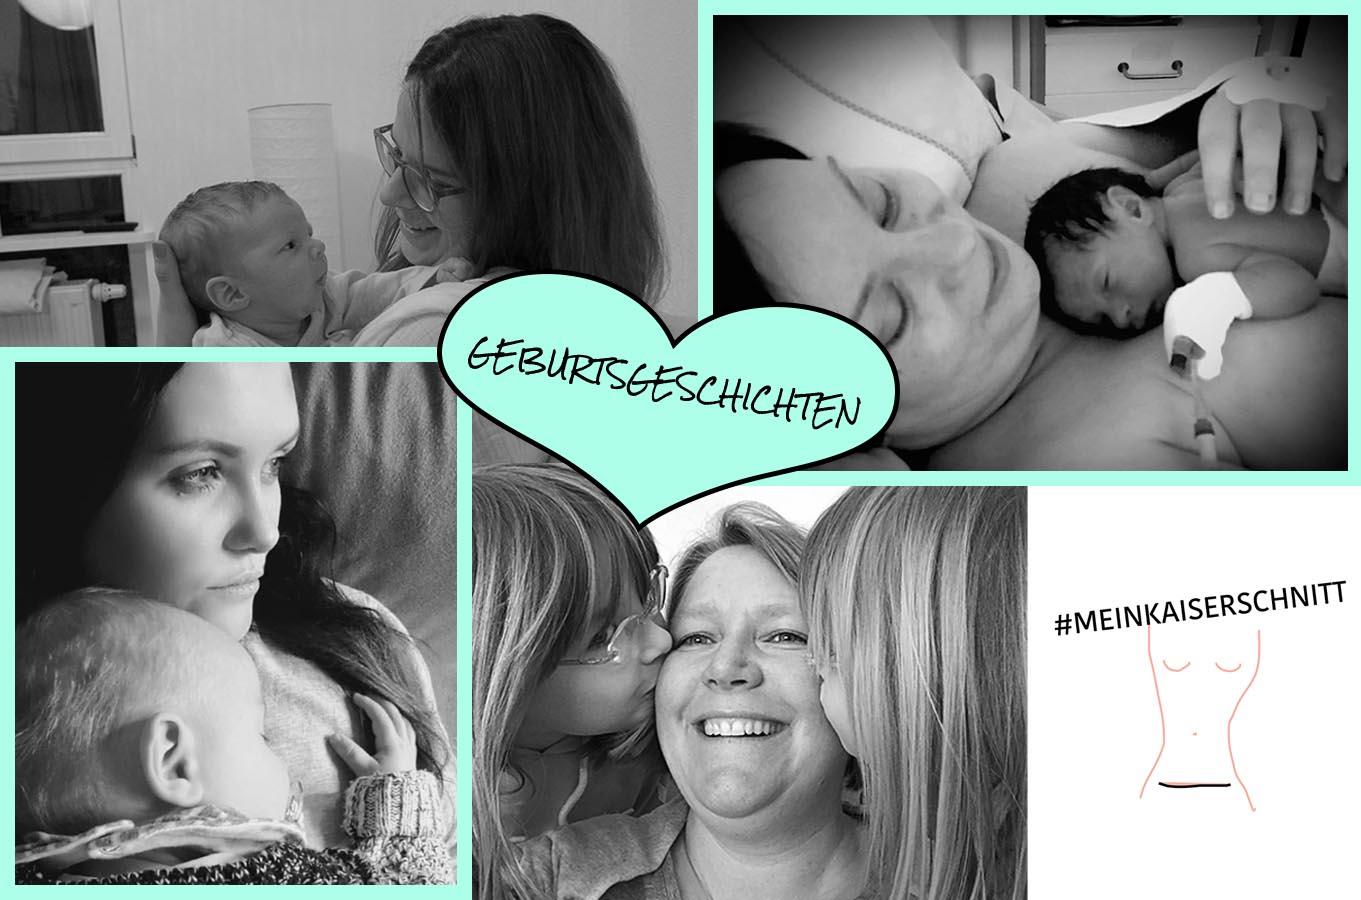 Geburtsgeschichten mein Kaiserschnitt Mama zwei Kaiserschnitte MutterKutter